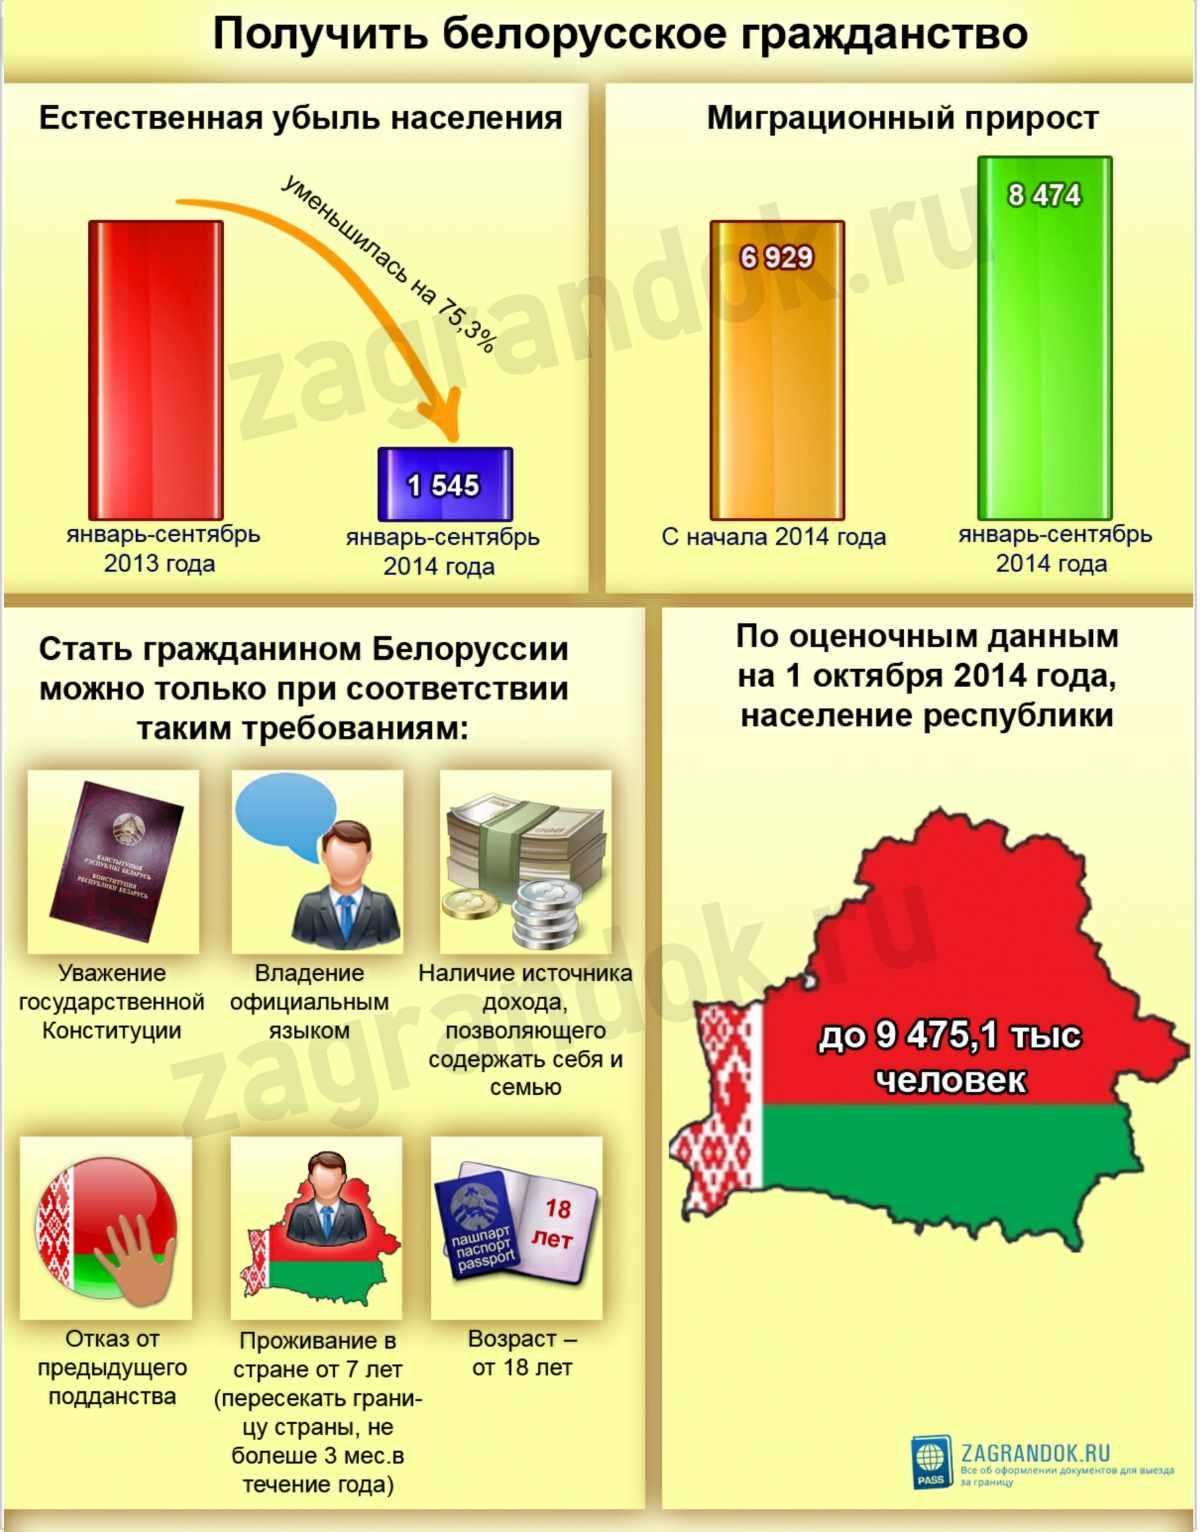 Получить белорусское гражданство